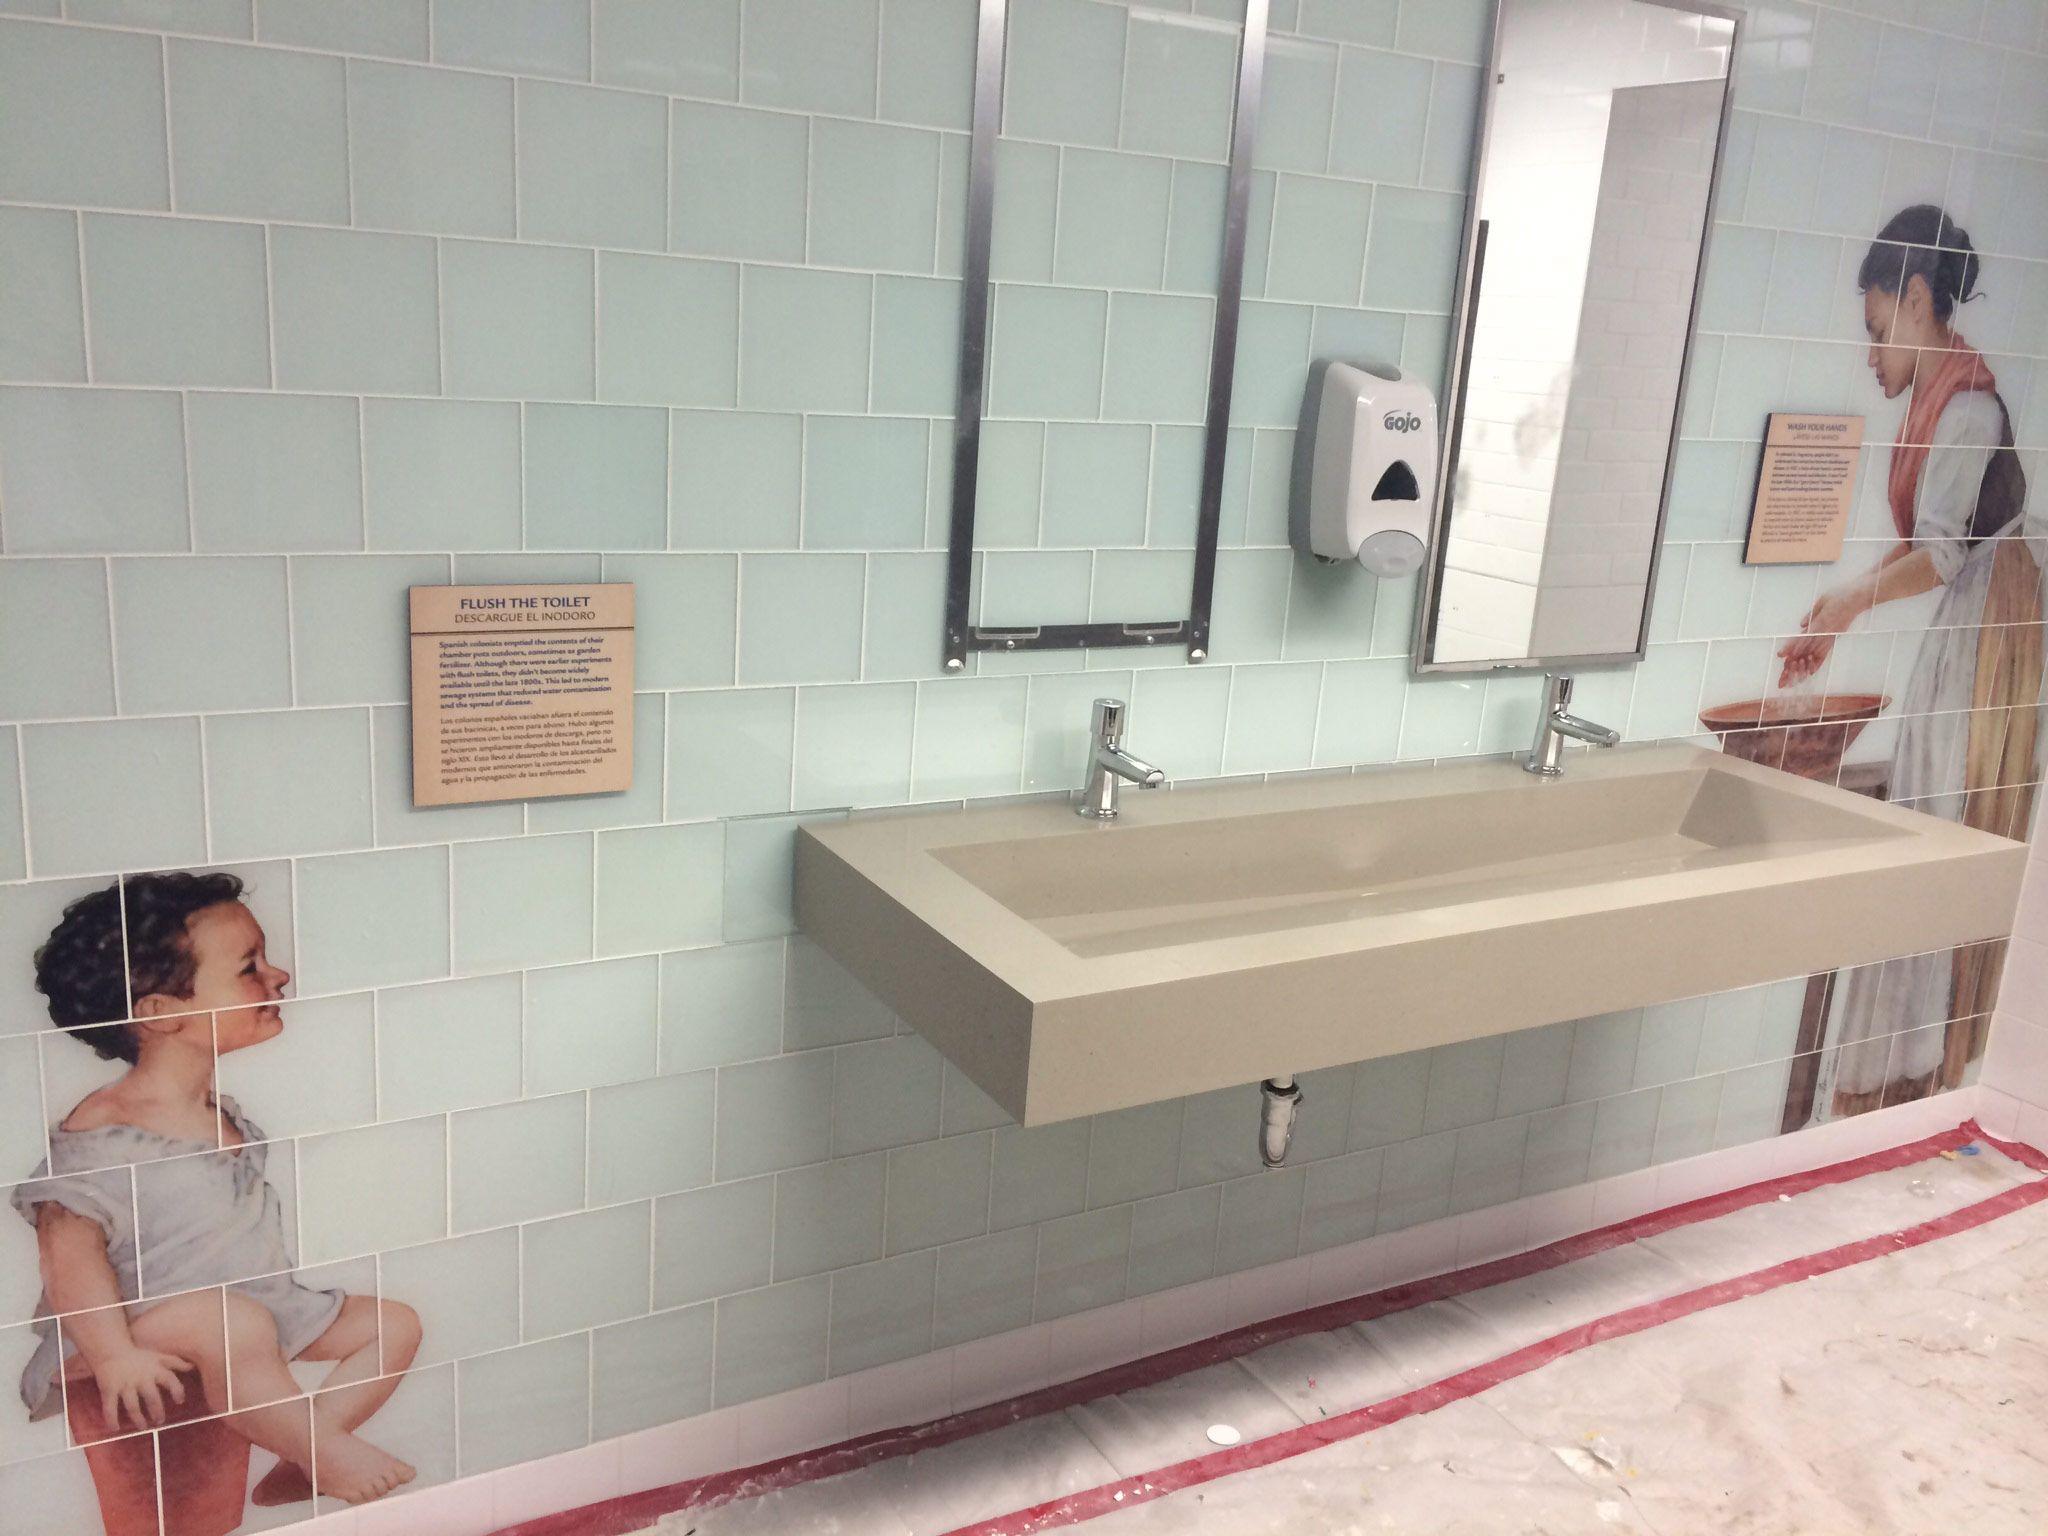 Glass Tile Mural Custom Printed Tiles for Bathroom Tile Mural In